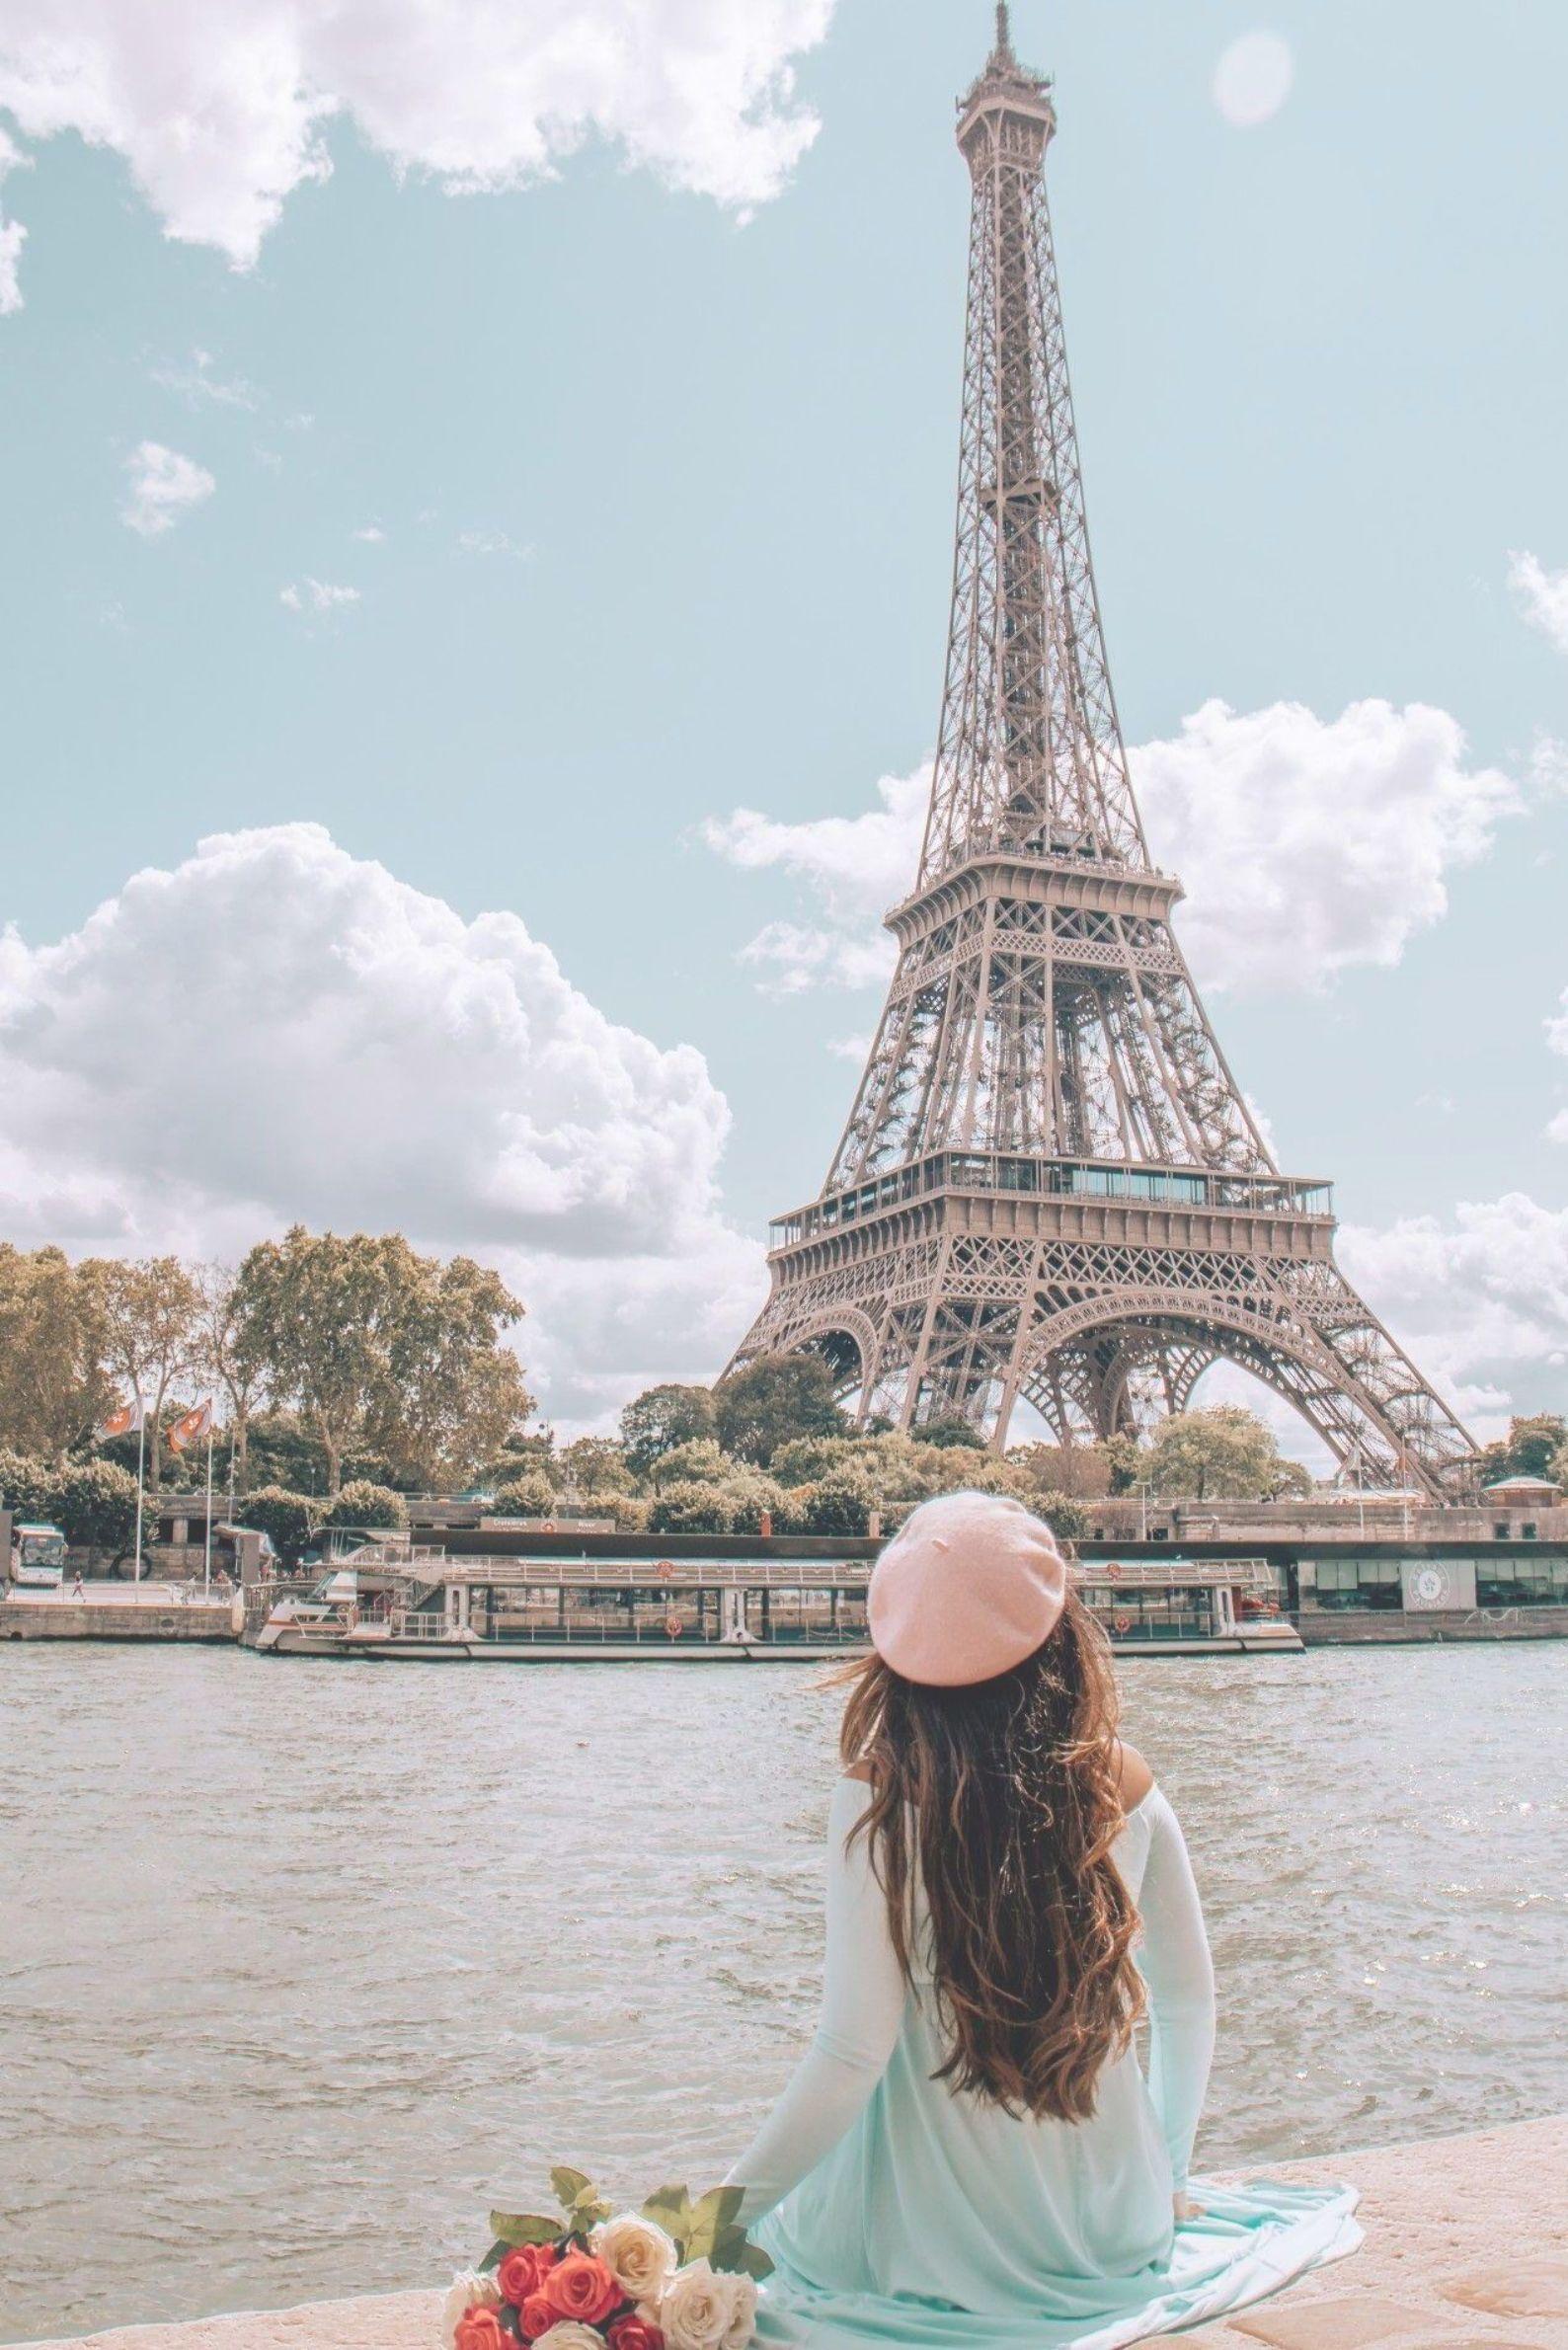 Hình ảnh ngắm tháp Eiffel - biểu tượng nước Pháp